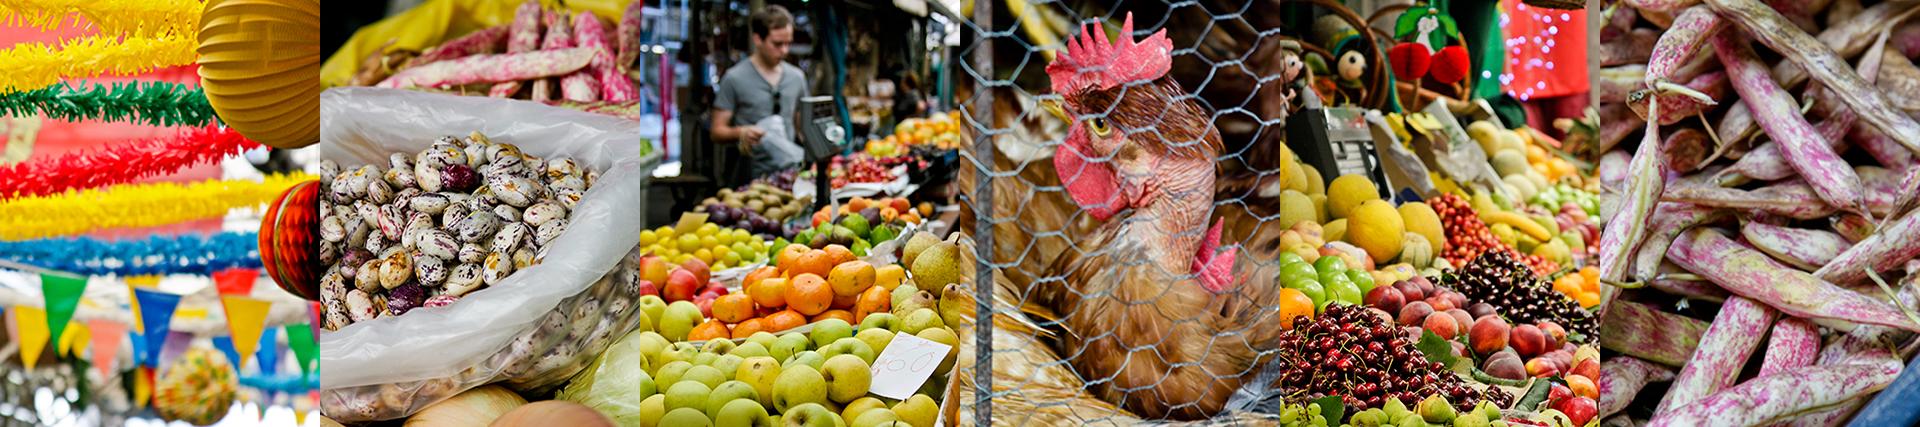 Mercado do Bolhao 2